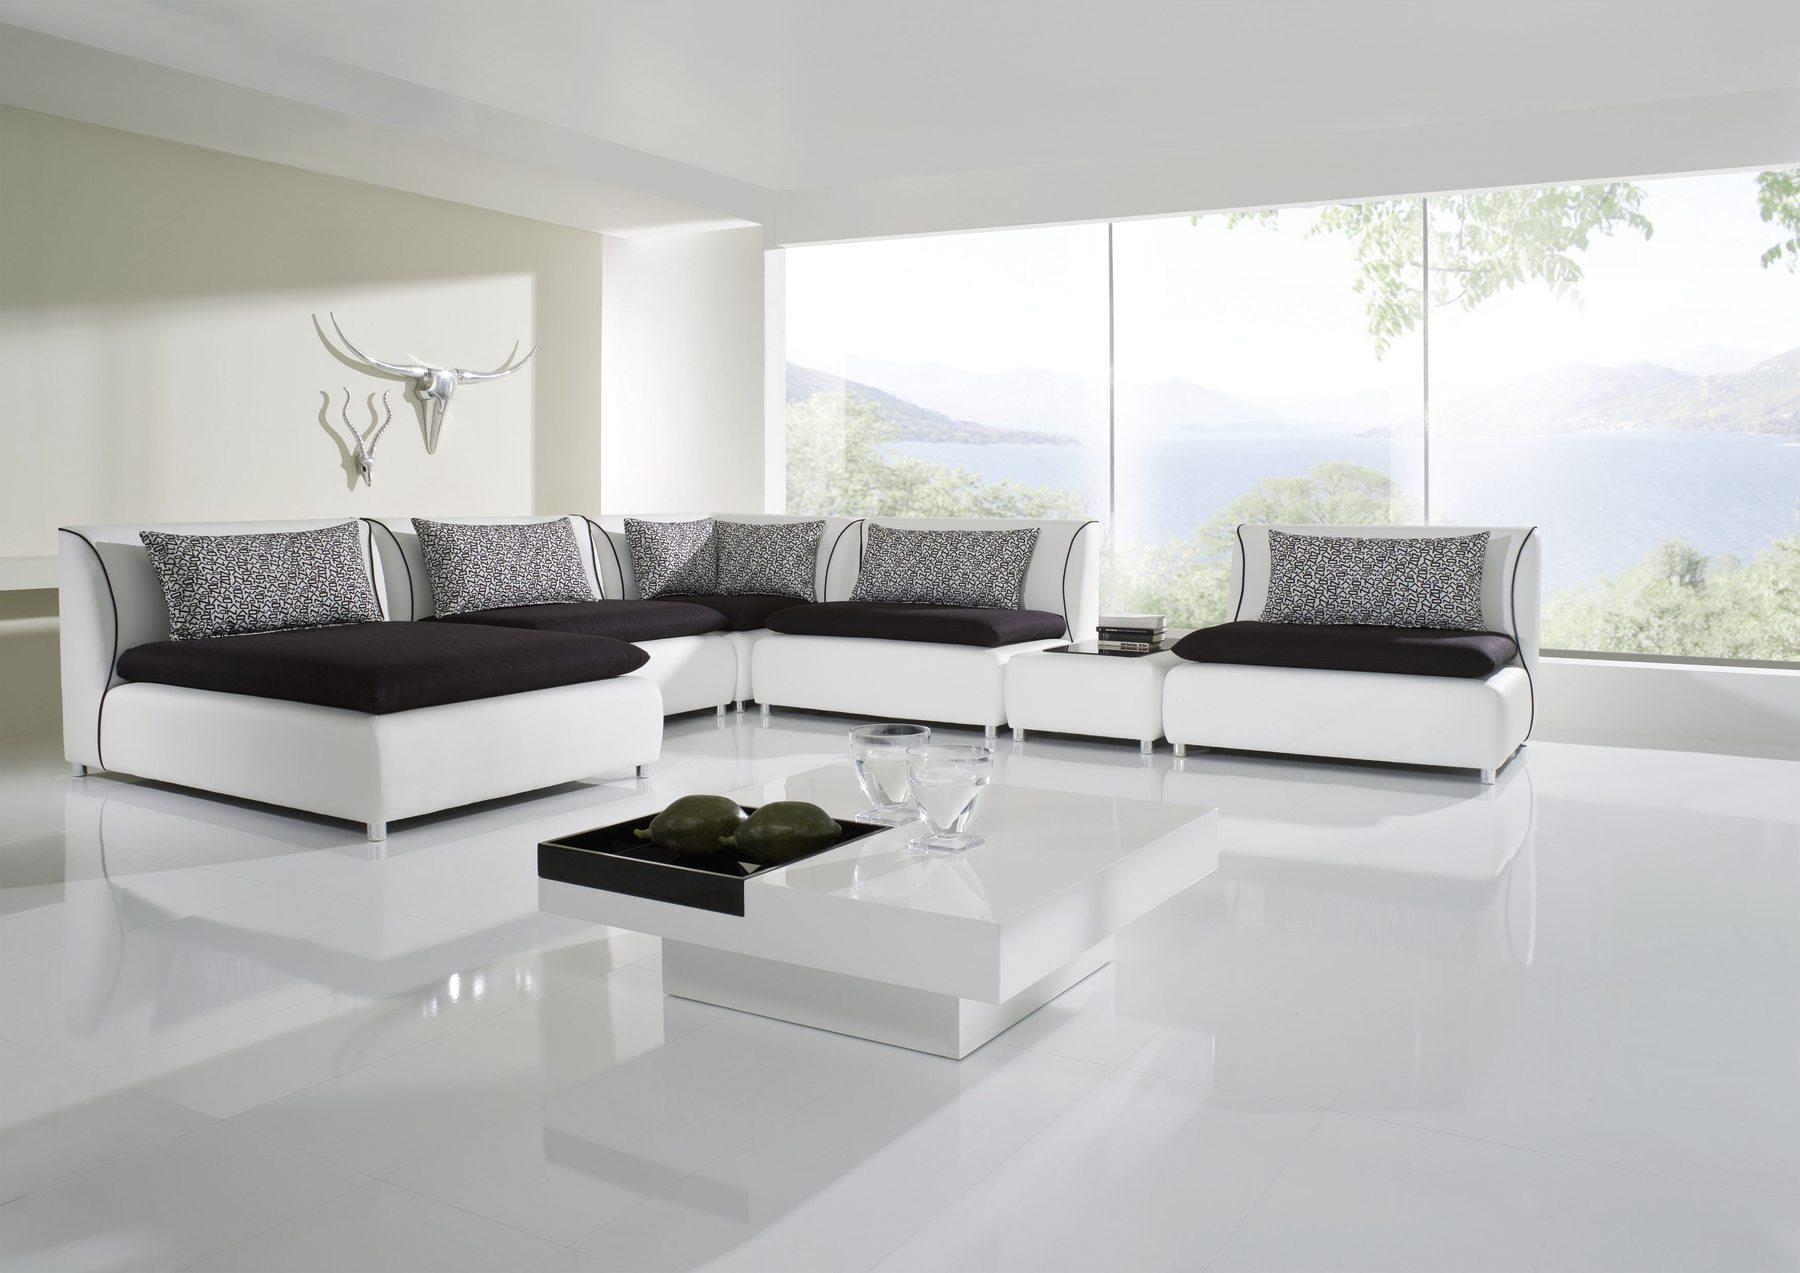 Wonderlijk Groote Hoogglans Tegel Laminaat Wit ( zonder naad ) €19,95m2 DM-17